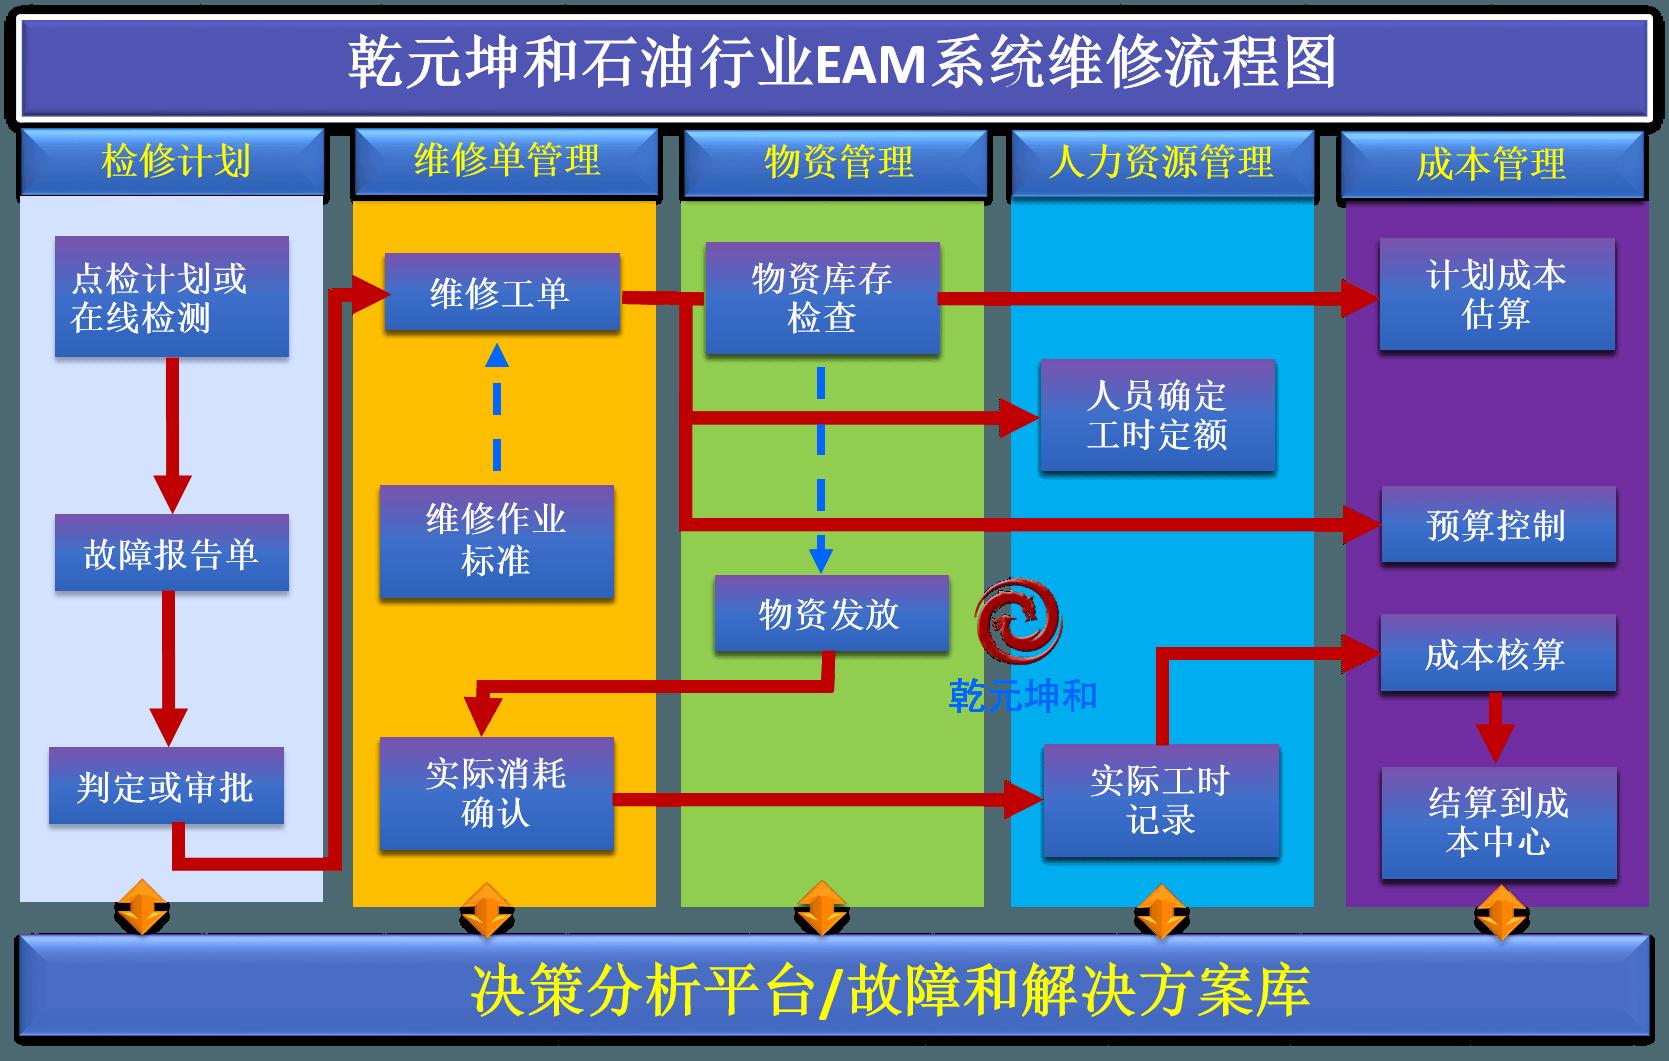 石油行业EAM系统维修流程图